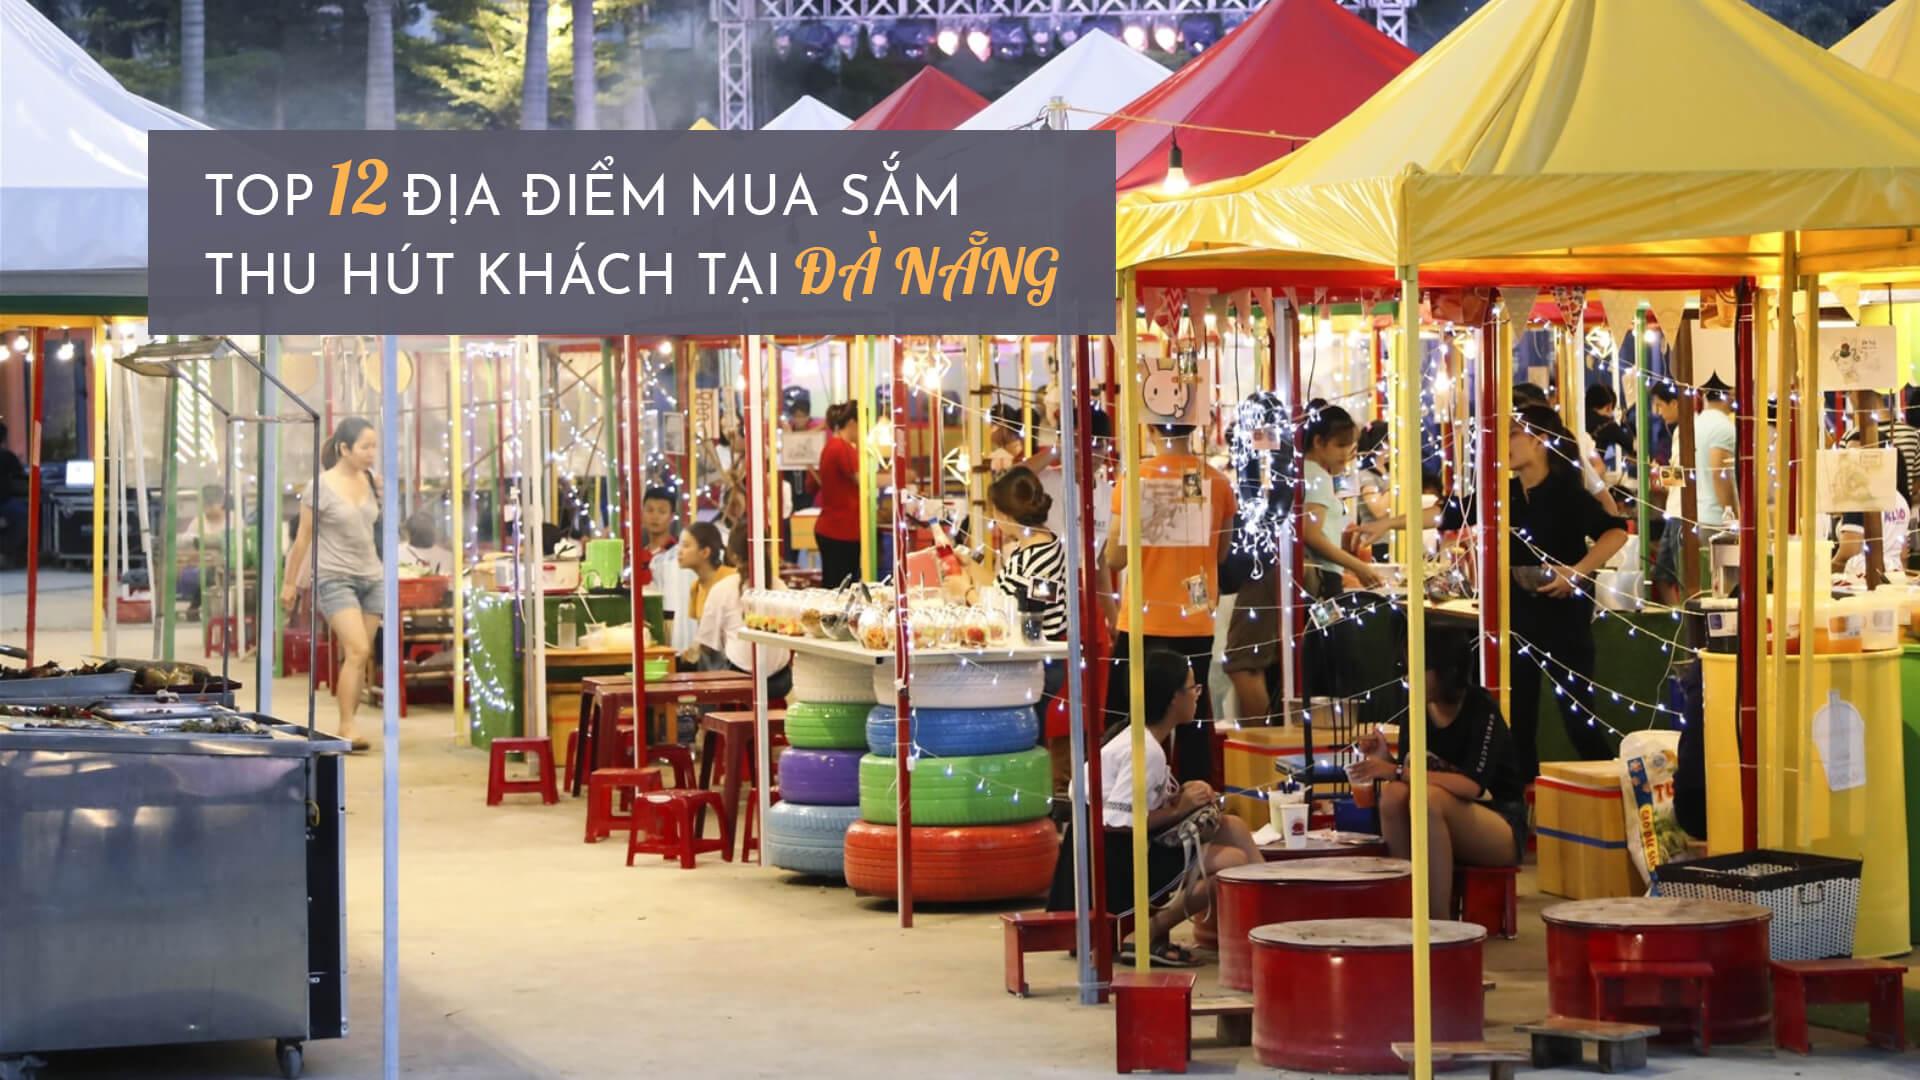 Top 12 điểm mua sắm thu hút du khách ở Đà Nẵng